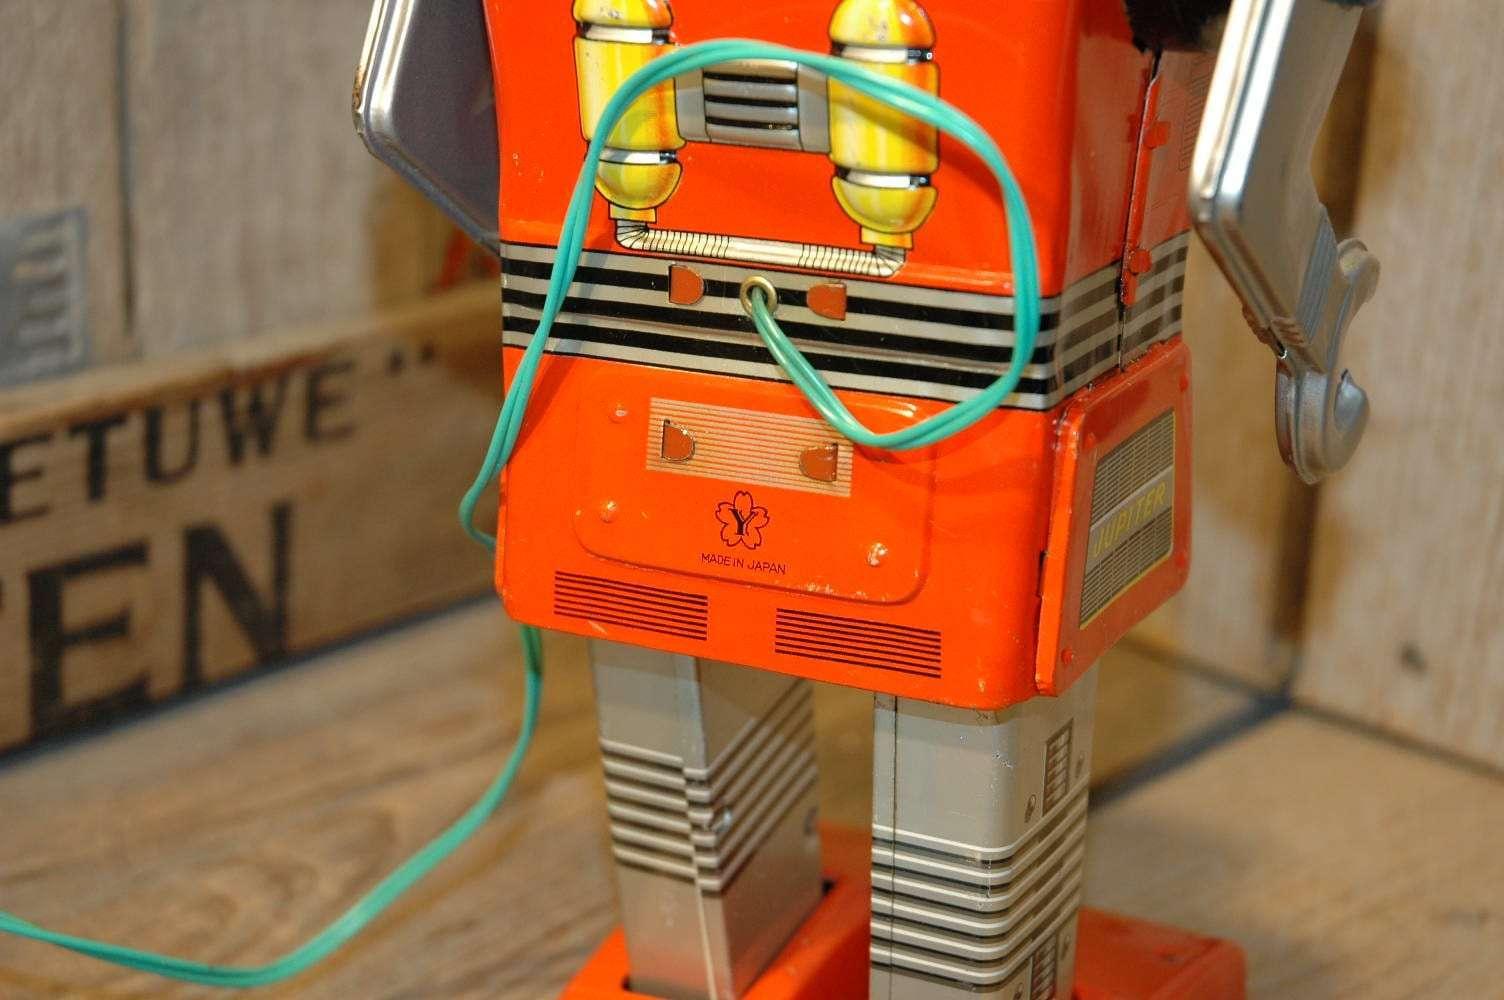 Yonezawa - Jupiter Robot